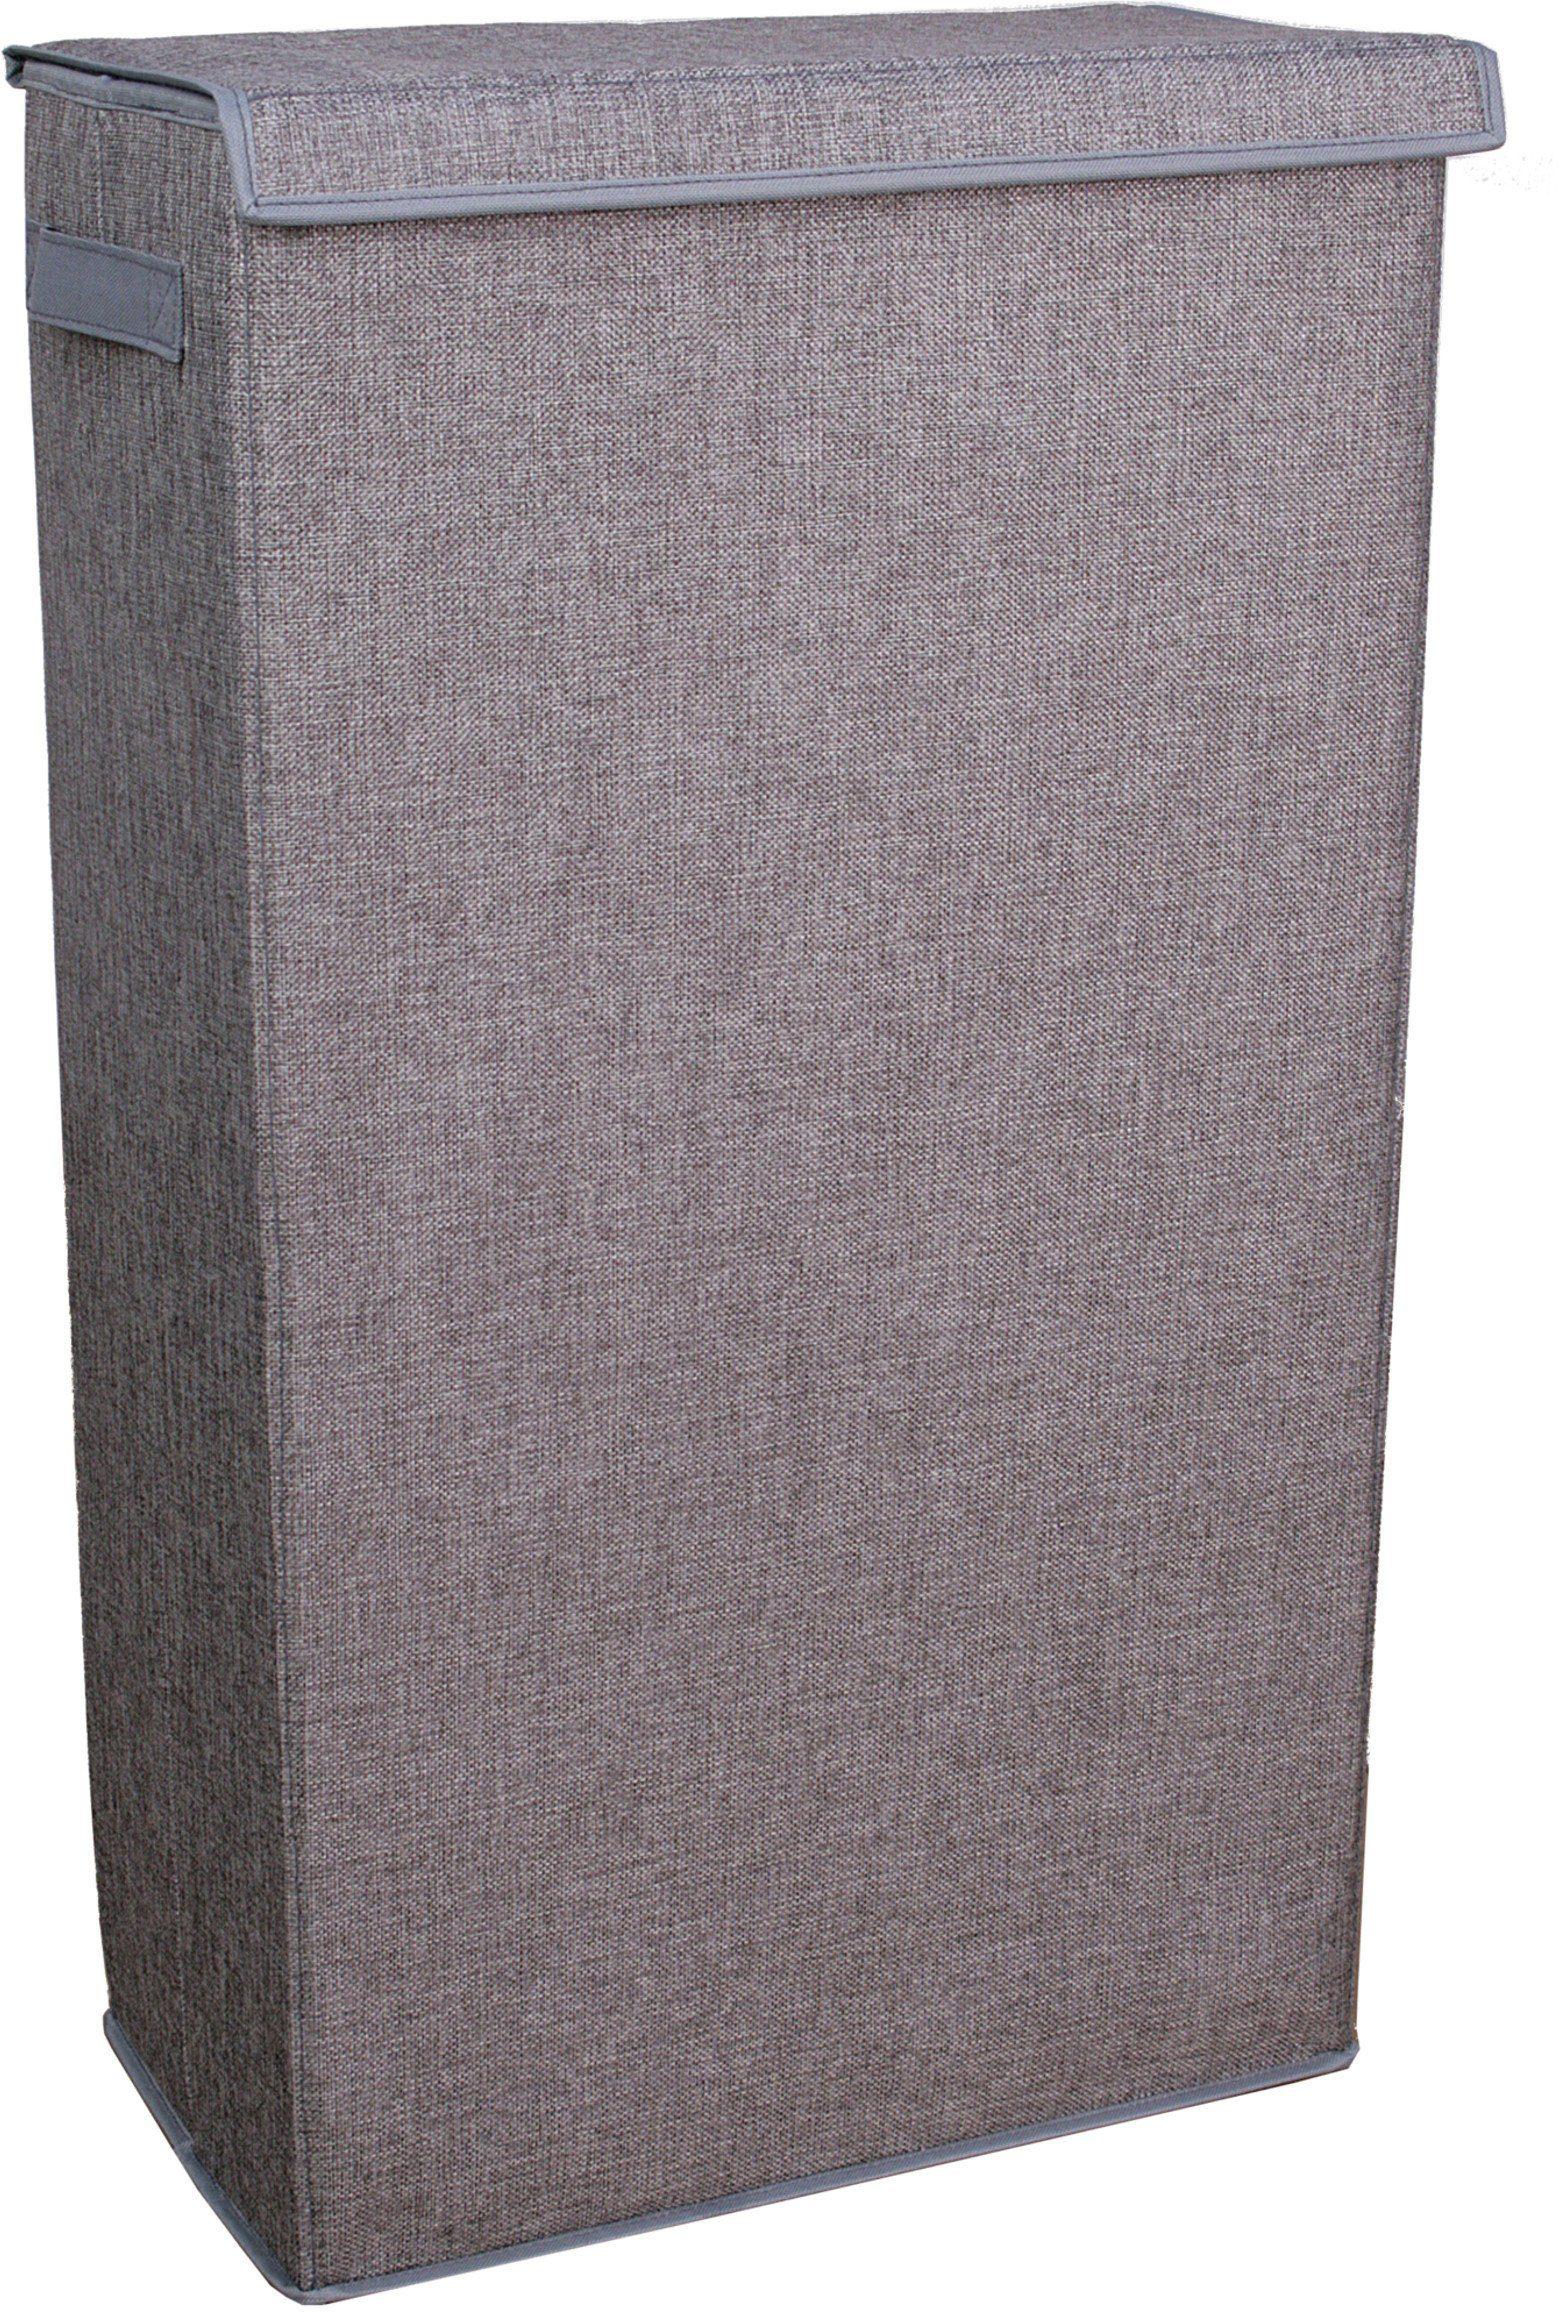 Franz Müller Flechtwaren Wäschebox (1 Stück), faltbar